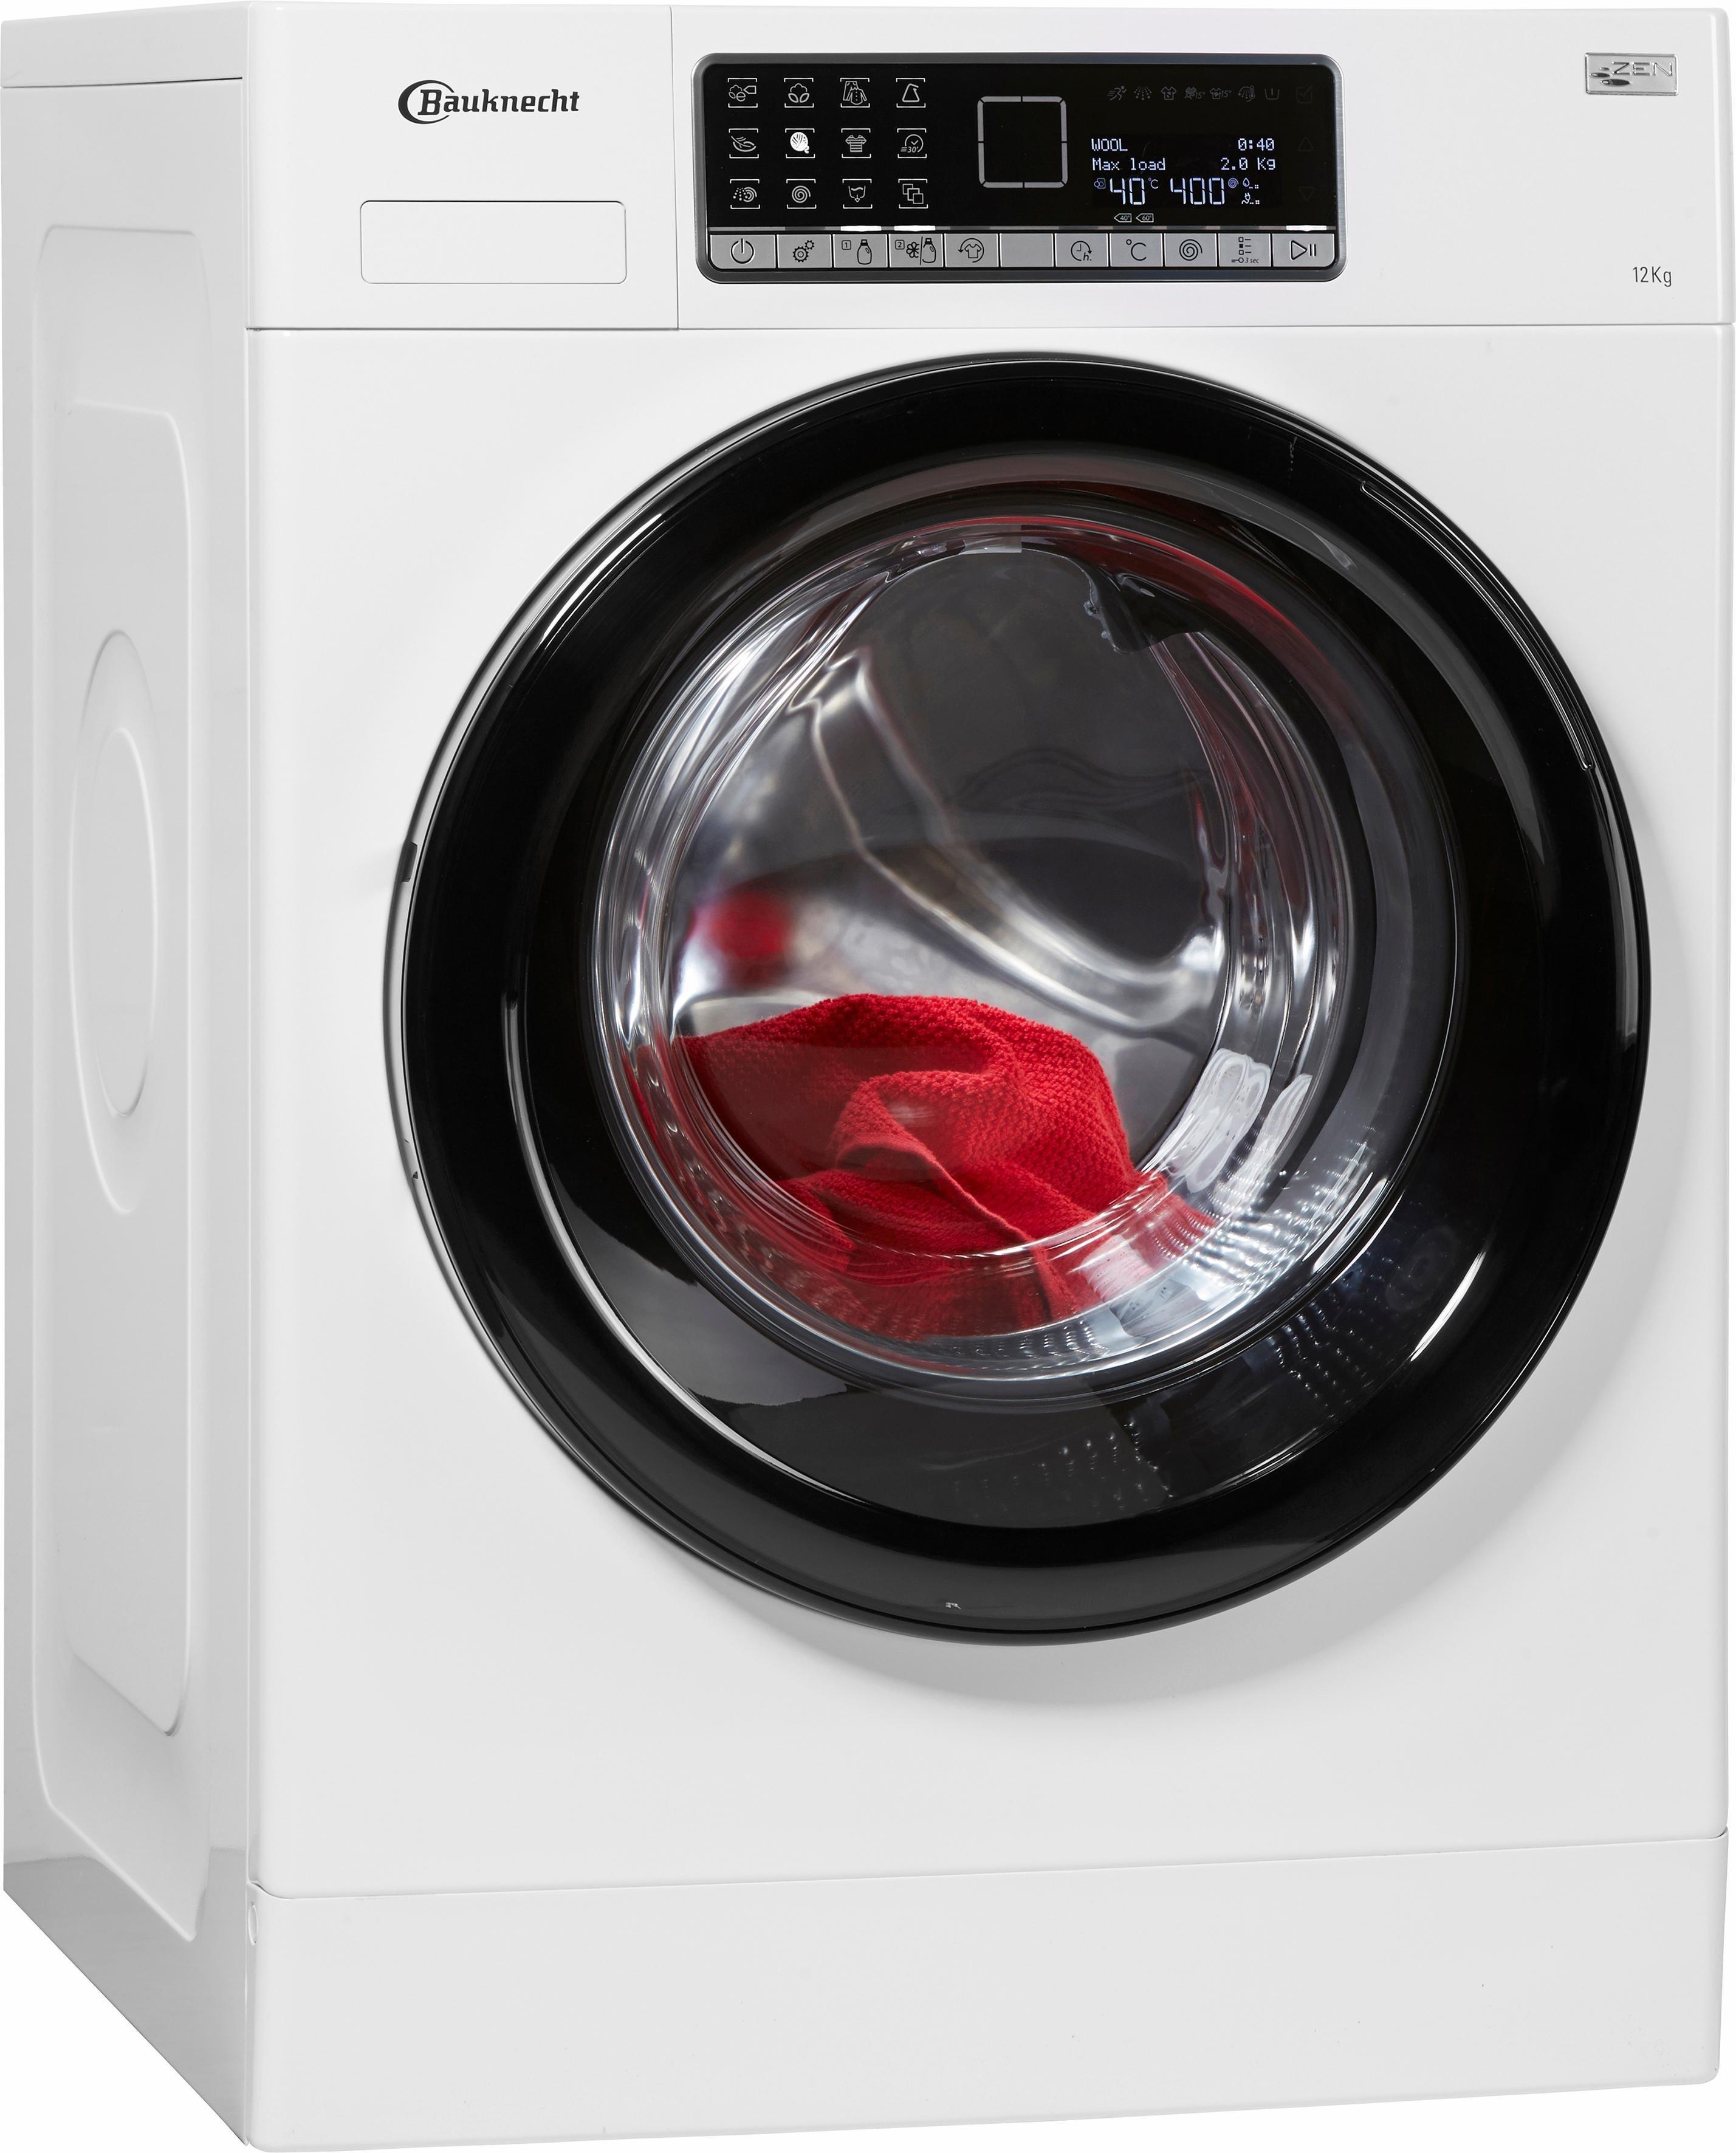 waschmaschine 12 kg preisvergleich die besten angebote online kaufen. Black Bedroom Furniture Sets. Home Design Ideas